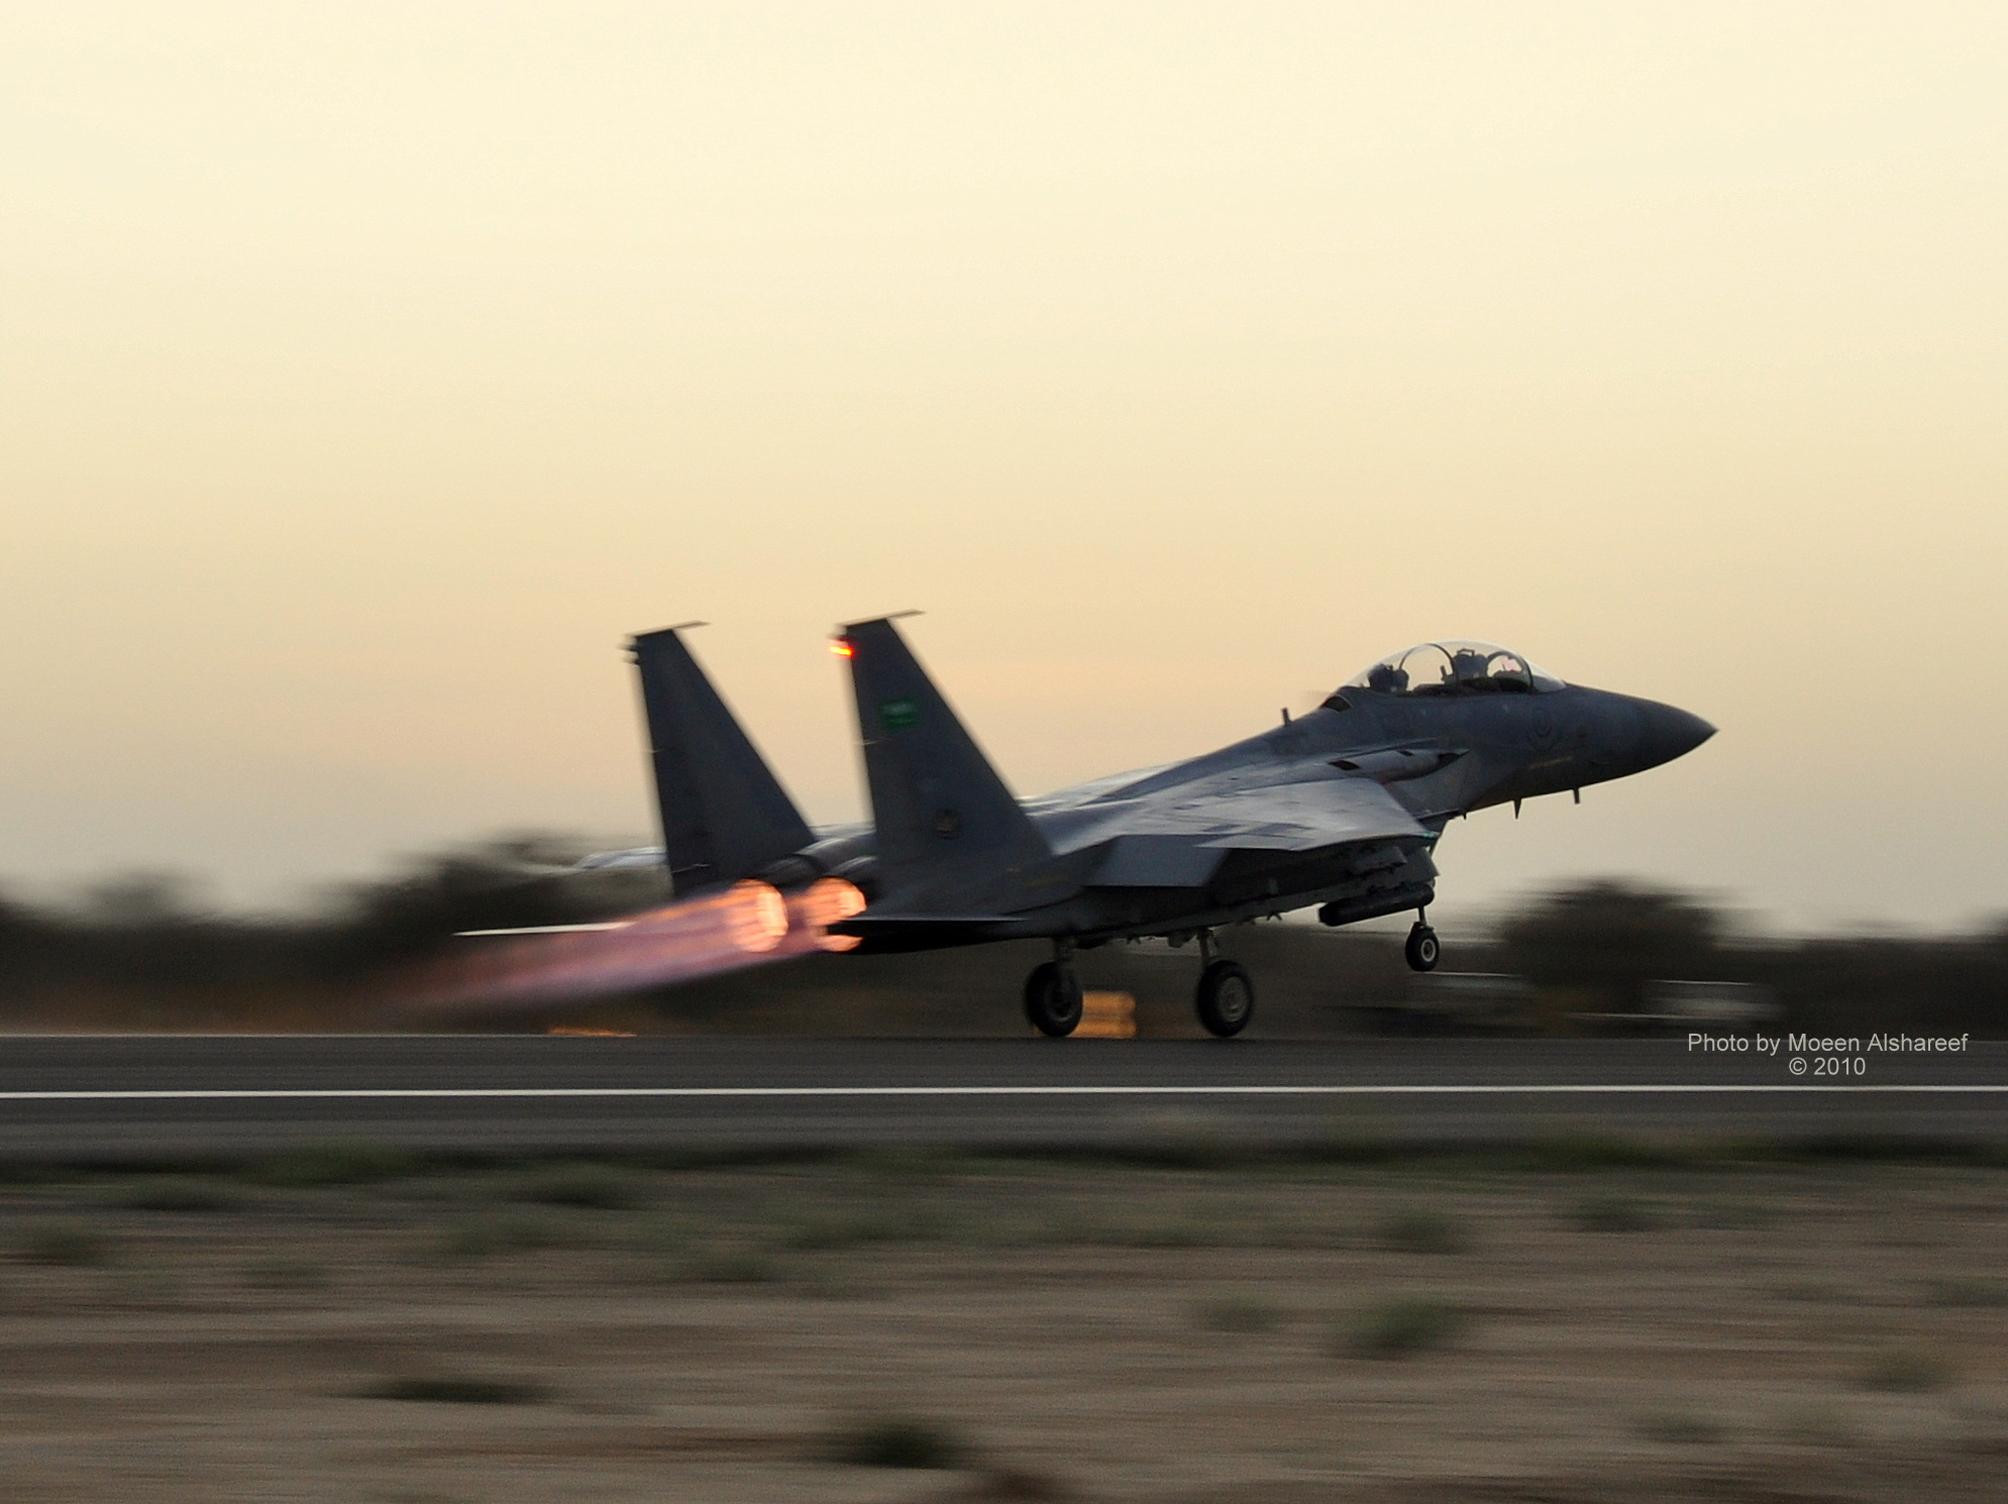 الموسوعه الفوغترافيه لصور القوات الجويه الملكيه السعوديه ( rsaf ) - صفحة 6 4450684425_6380f4f379_o